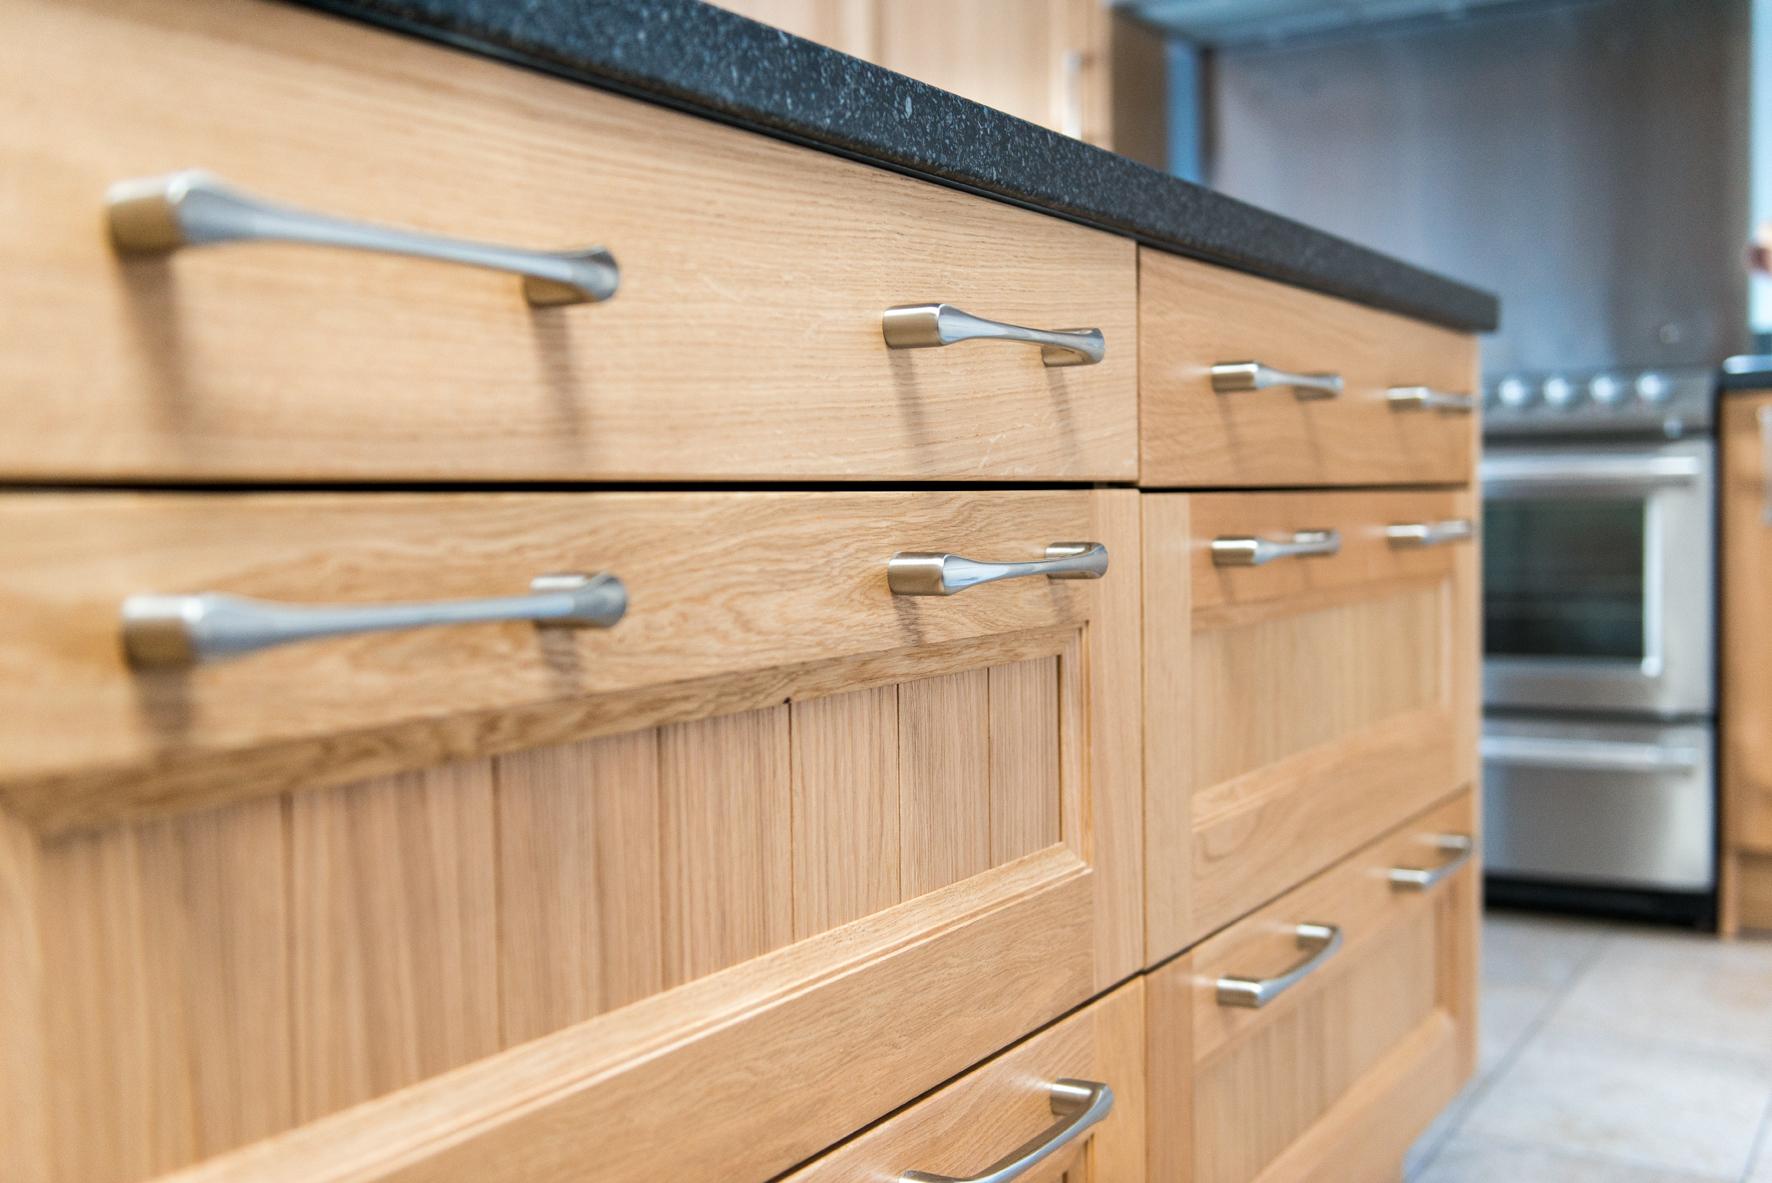 36 Cranleigh kitchen cupboards 1.jpg